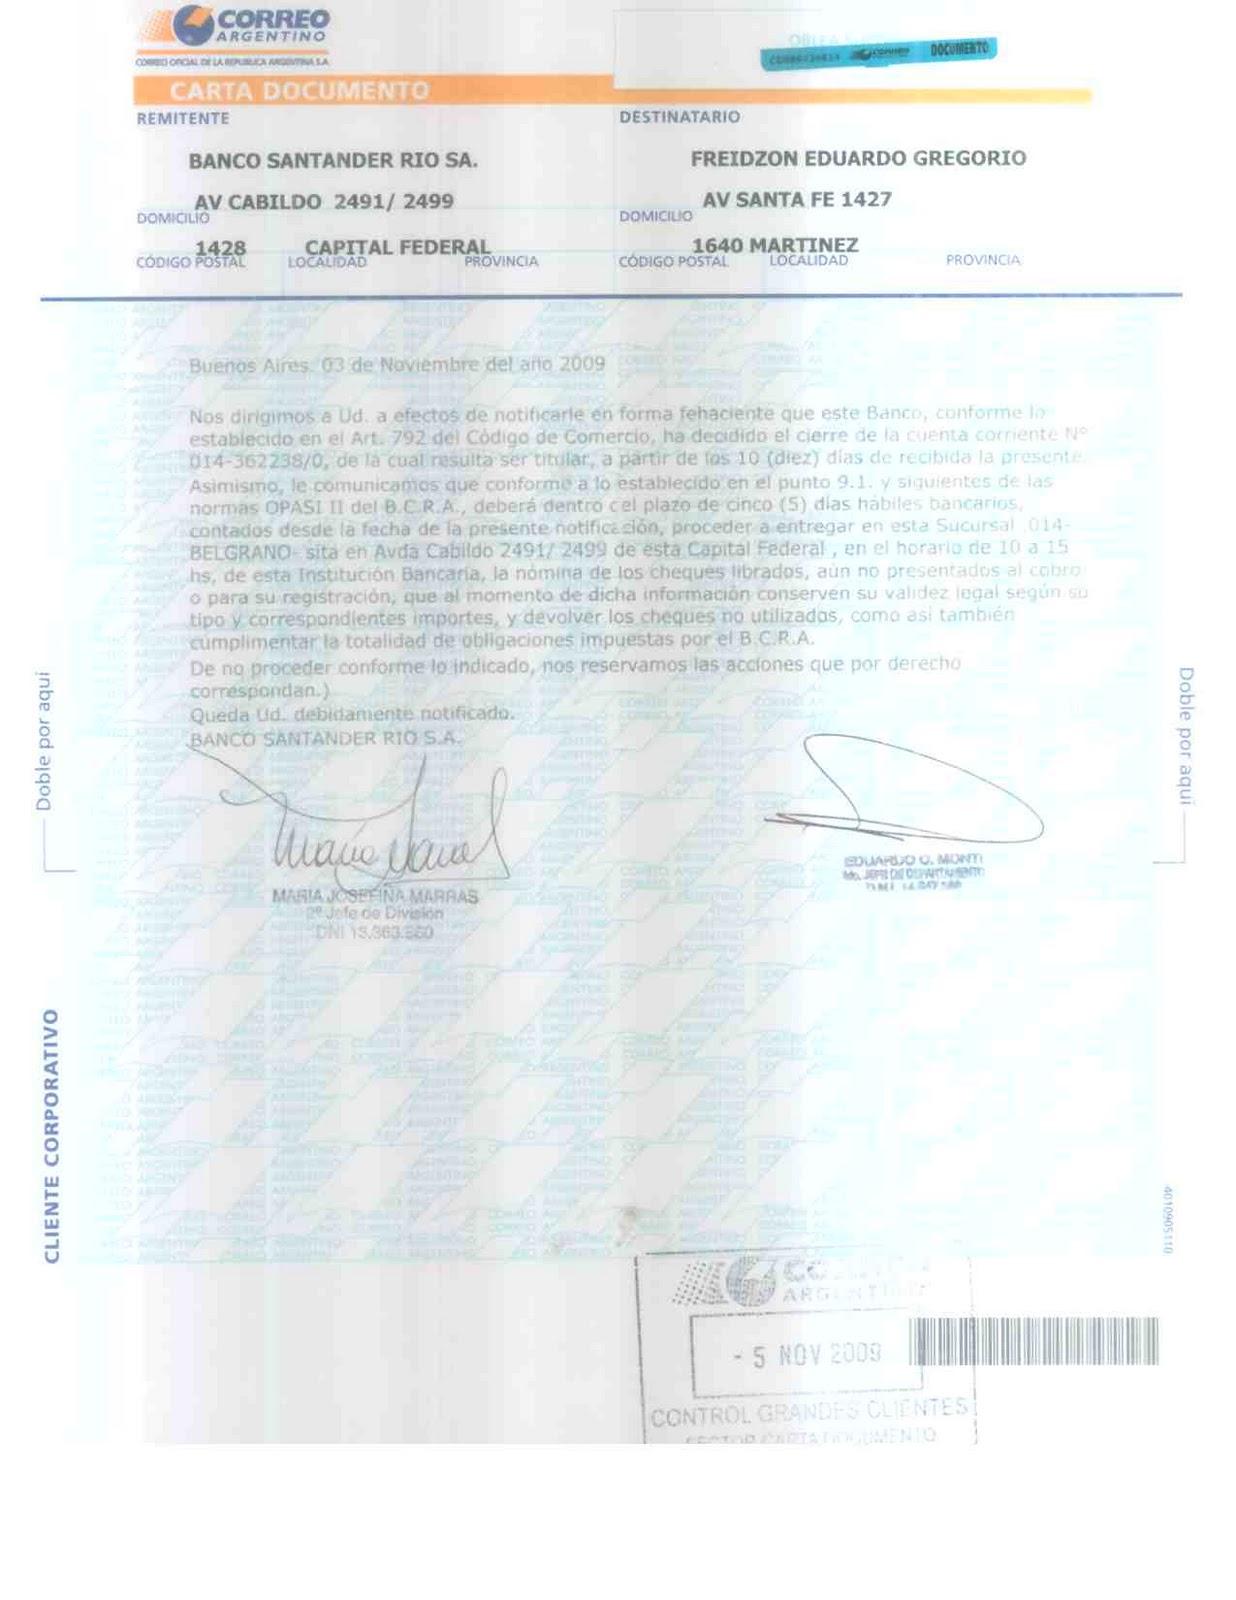 Modelo Documento Prestamo En Banco Santander Rio Personas